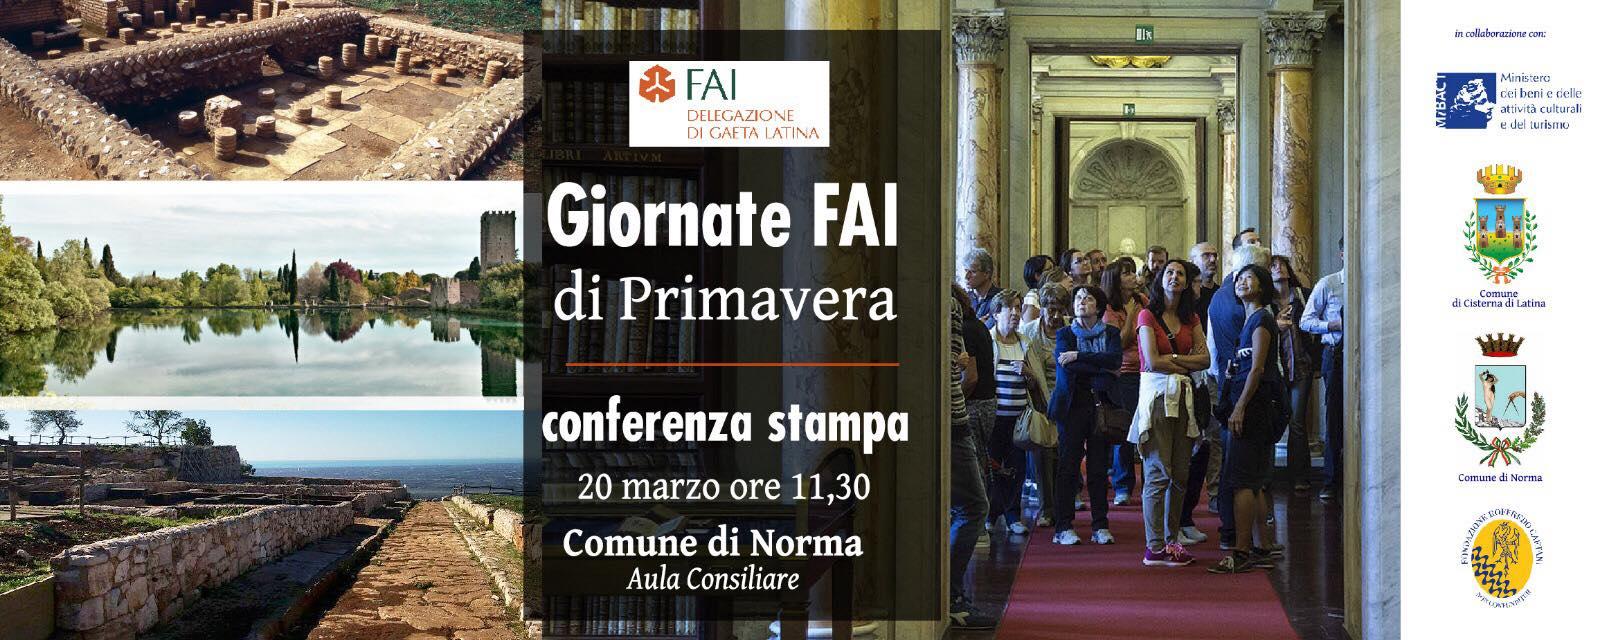 Conferenza stampa: Giornate FAI di Primavera @ Comune di Norma, Aula Consiliare | Norma | Lazio | Italia